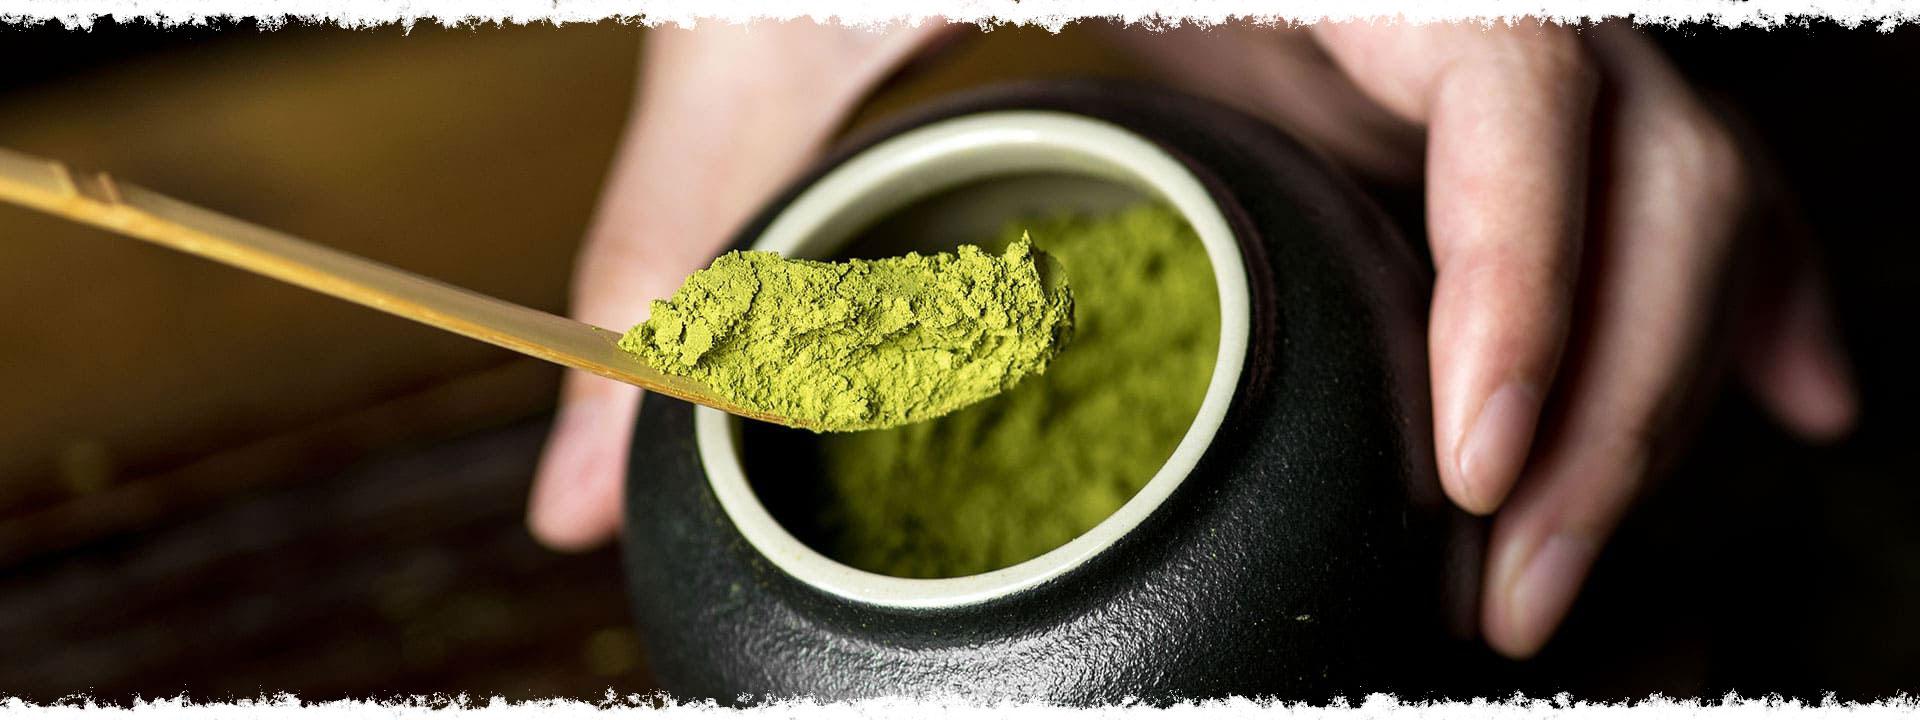 Gâteaux financiers parfumés au thé vert en poudre type matcha.